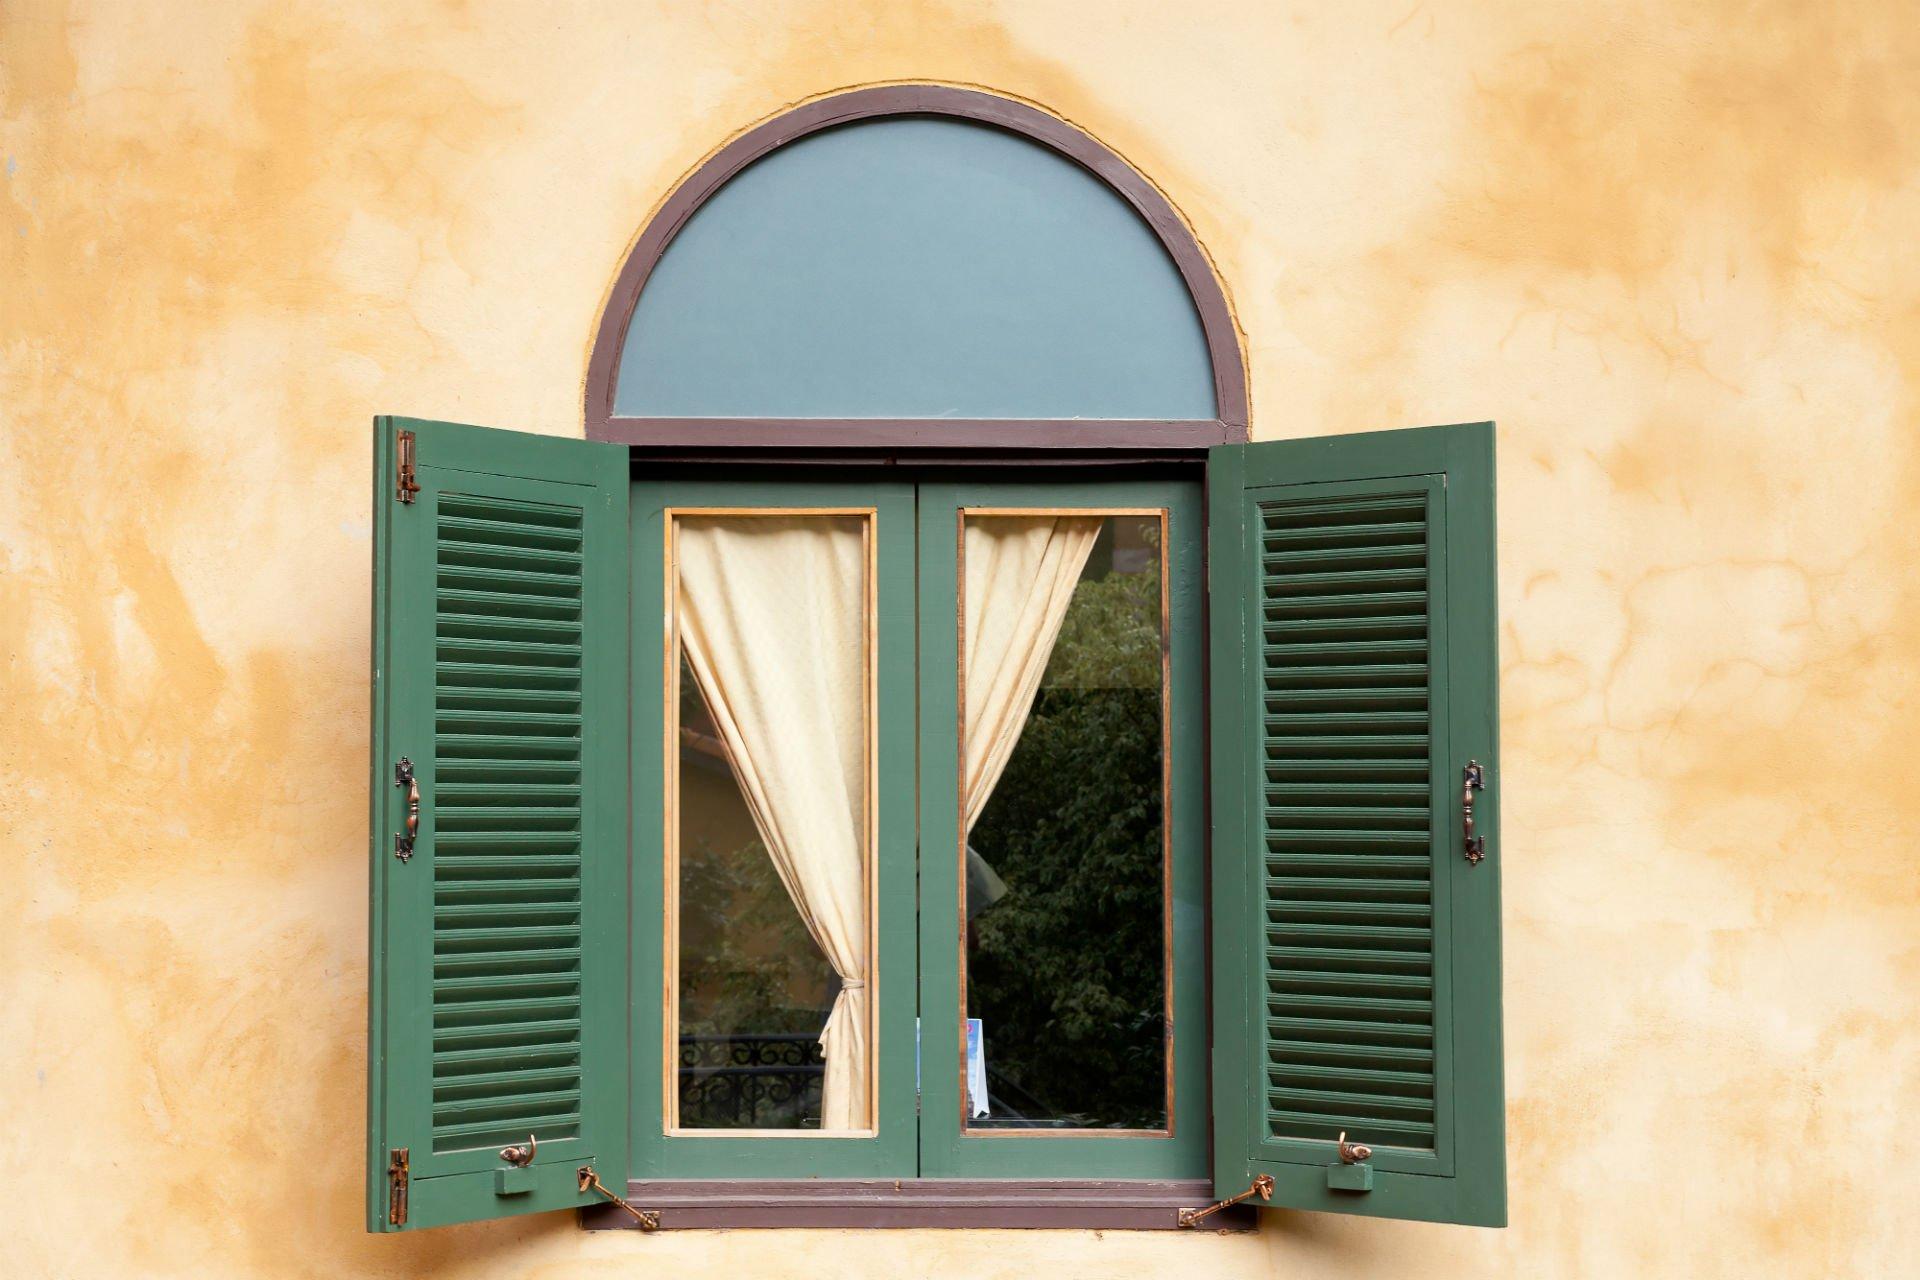 una finestra aperta con delle tende